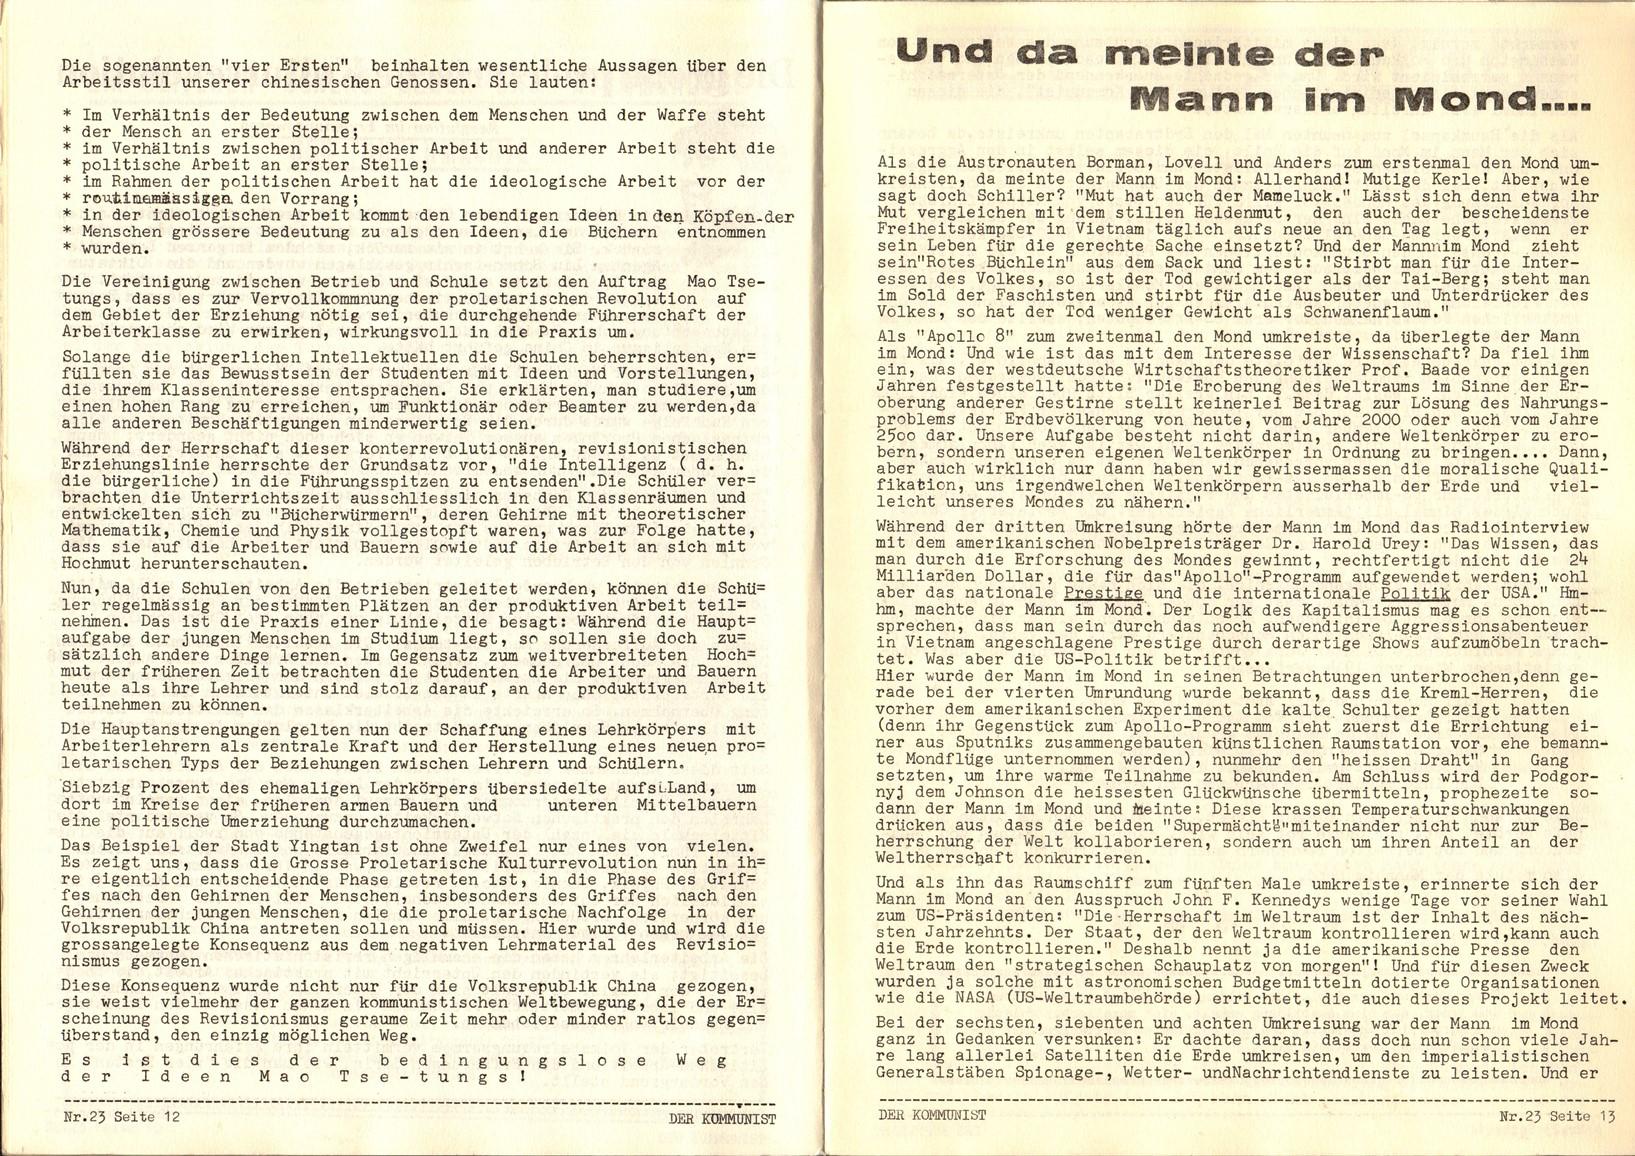 VRA_Der_Kommunist_19690100_07